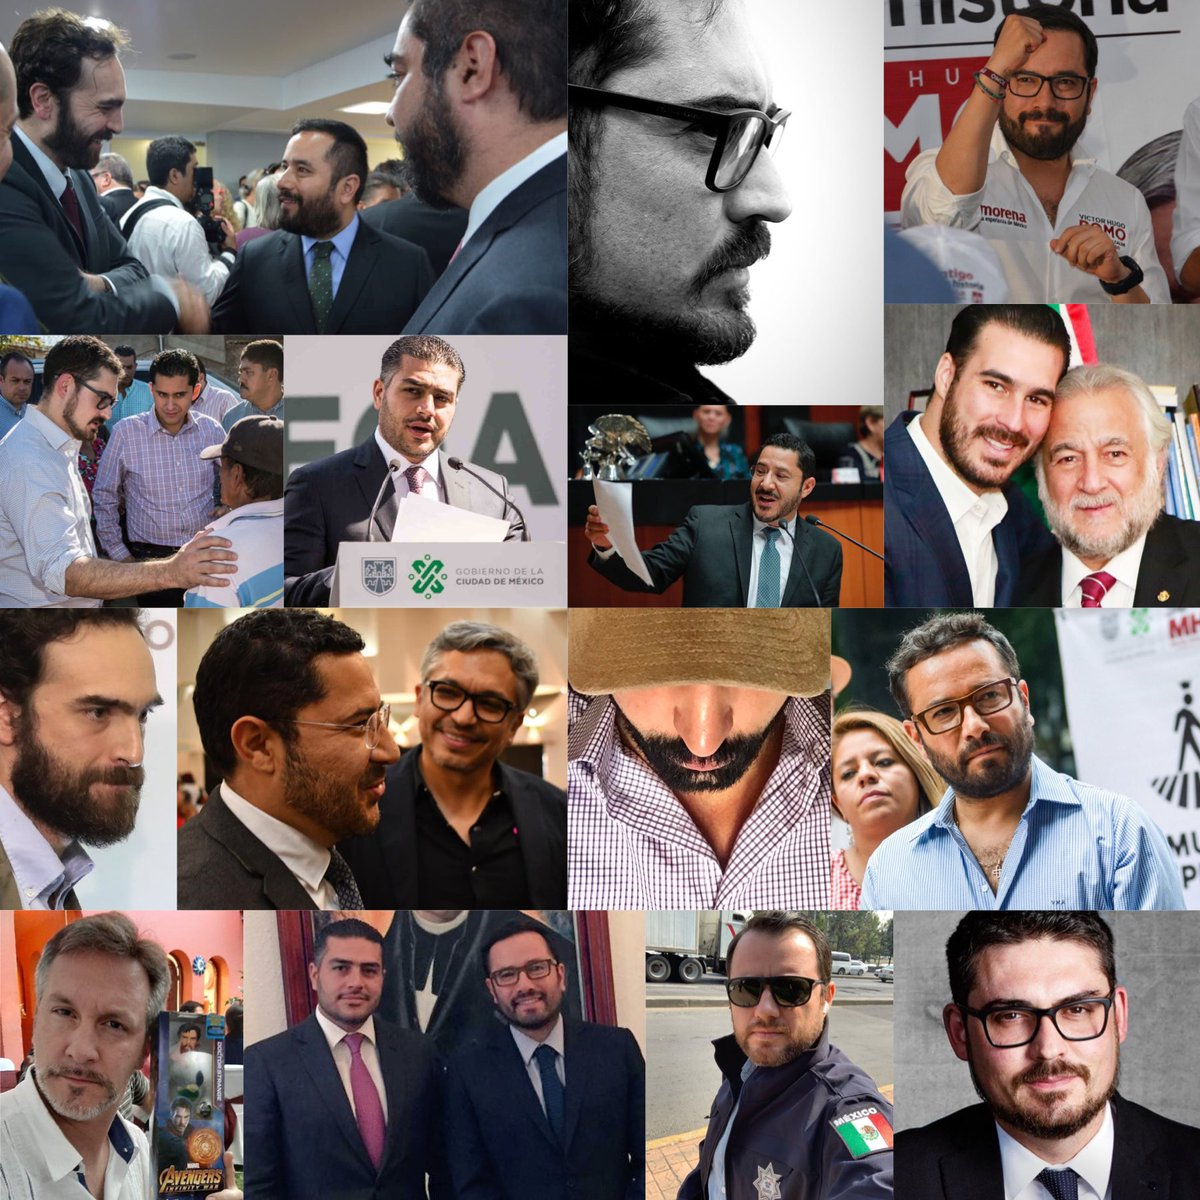 #MiercolesDeBarbas de la #4T #NoShave #TheBeardRevolution  #BeardSeason #BeardedBeauties #beardlife #poilu #beardedmen #hairymen #BarbaDelDia   #GobiernoDelPueblo #La4TVa #RedAMLO  #AMLOEstamosContigo #FelizMiercoles #5deFebreropic.twitter.com/SExKG9RFgd